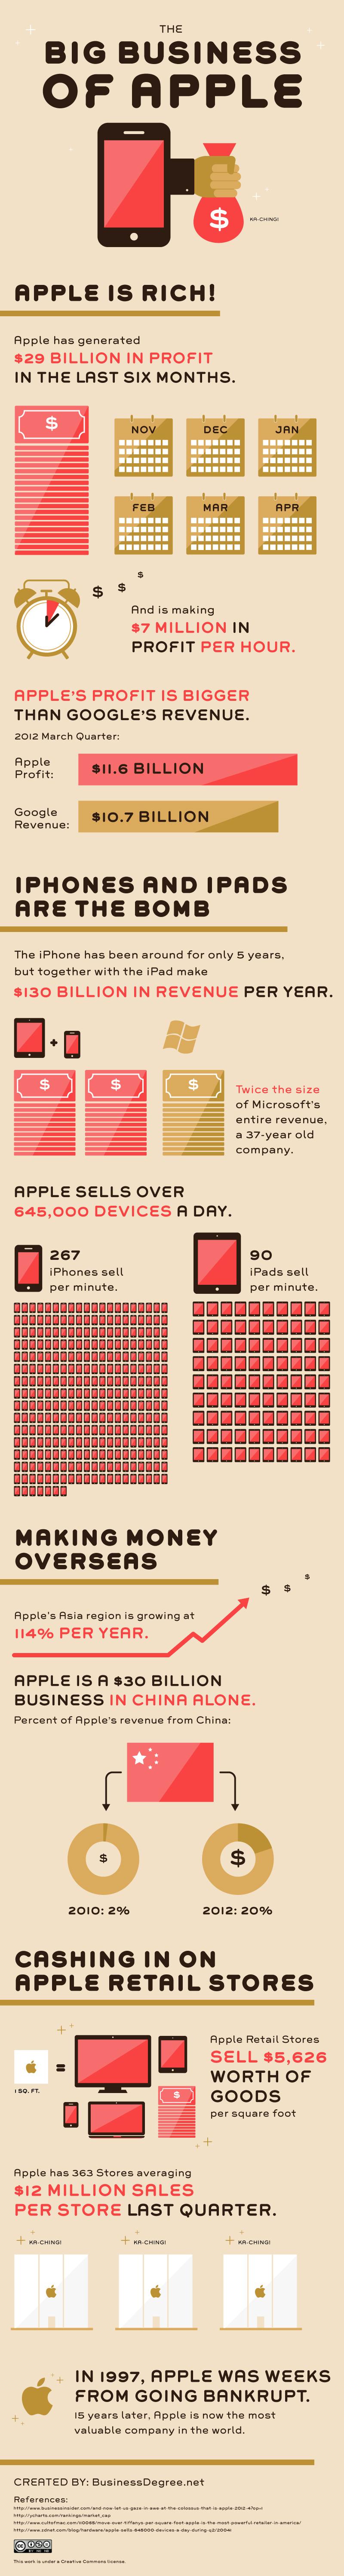 El negocio de Apple